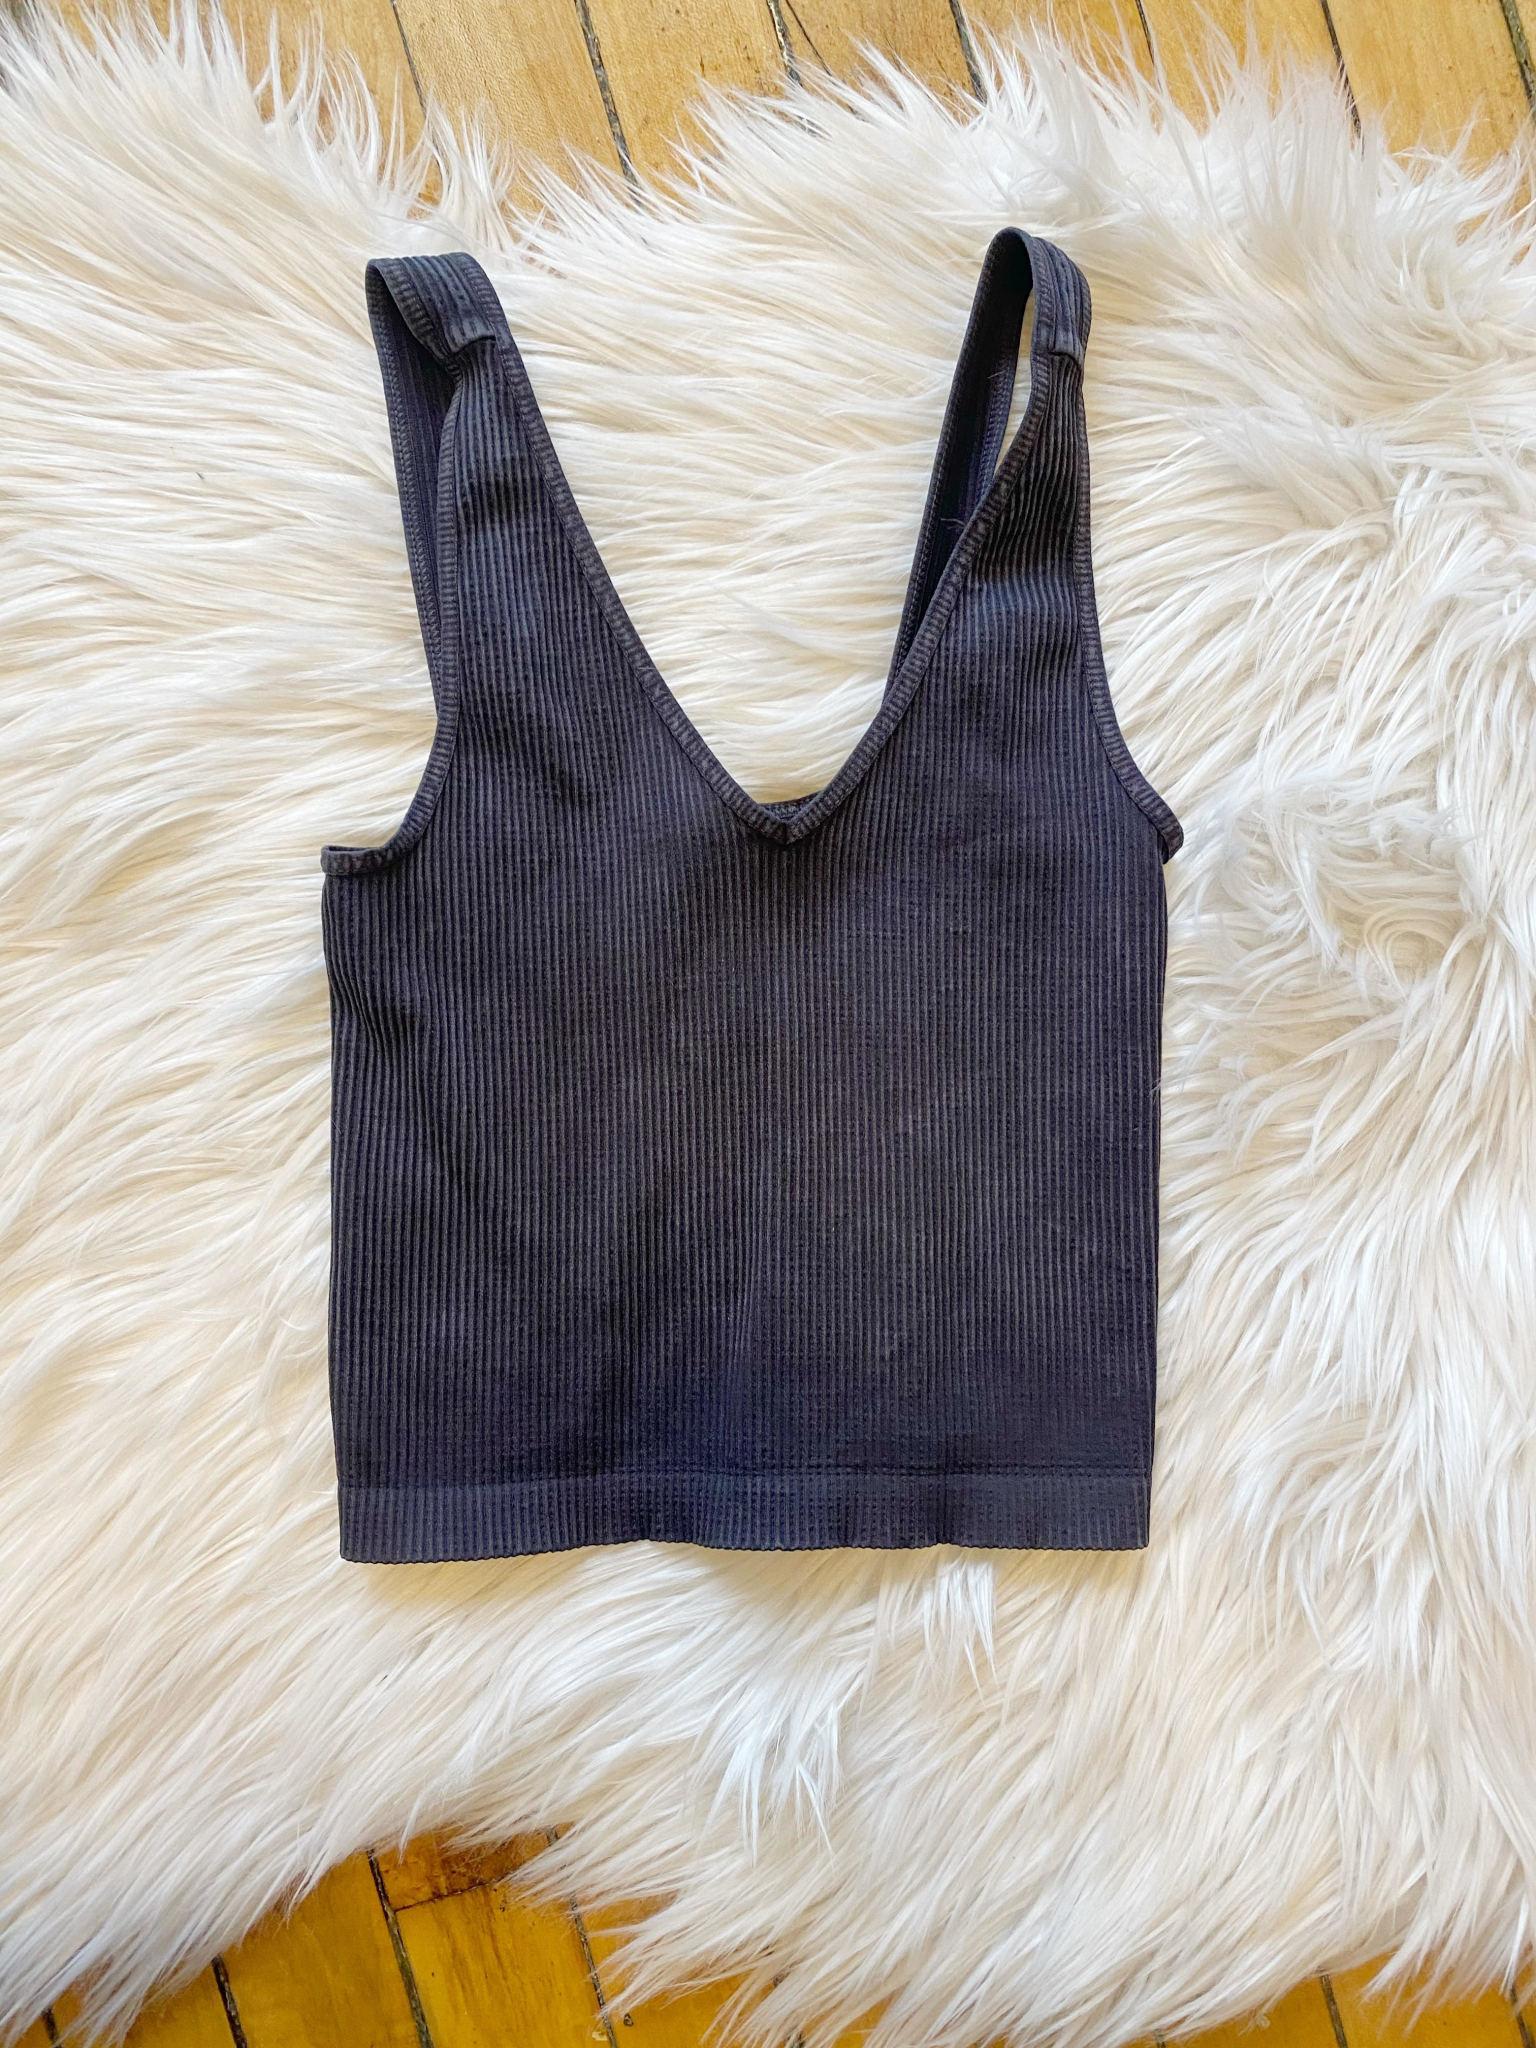 Vintage Black Crop Top